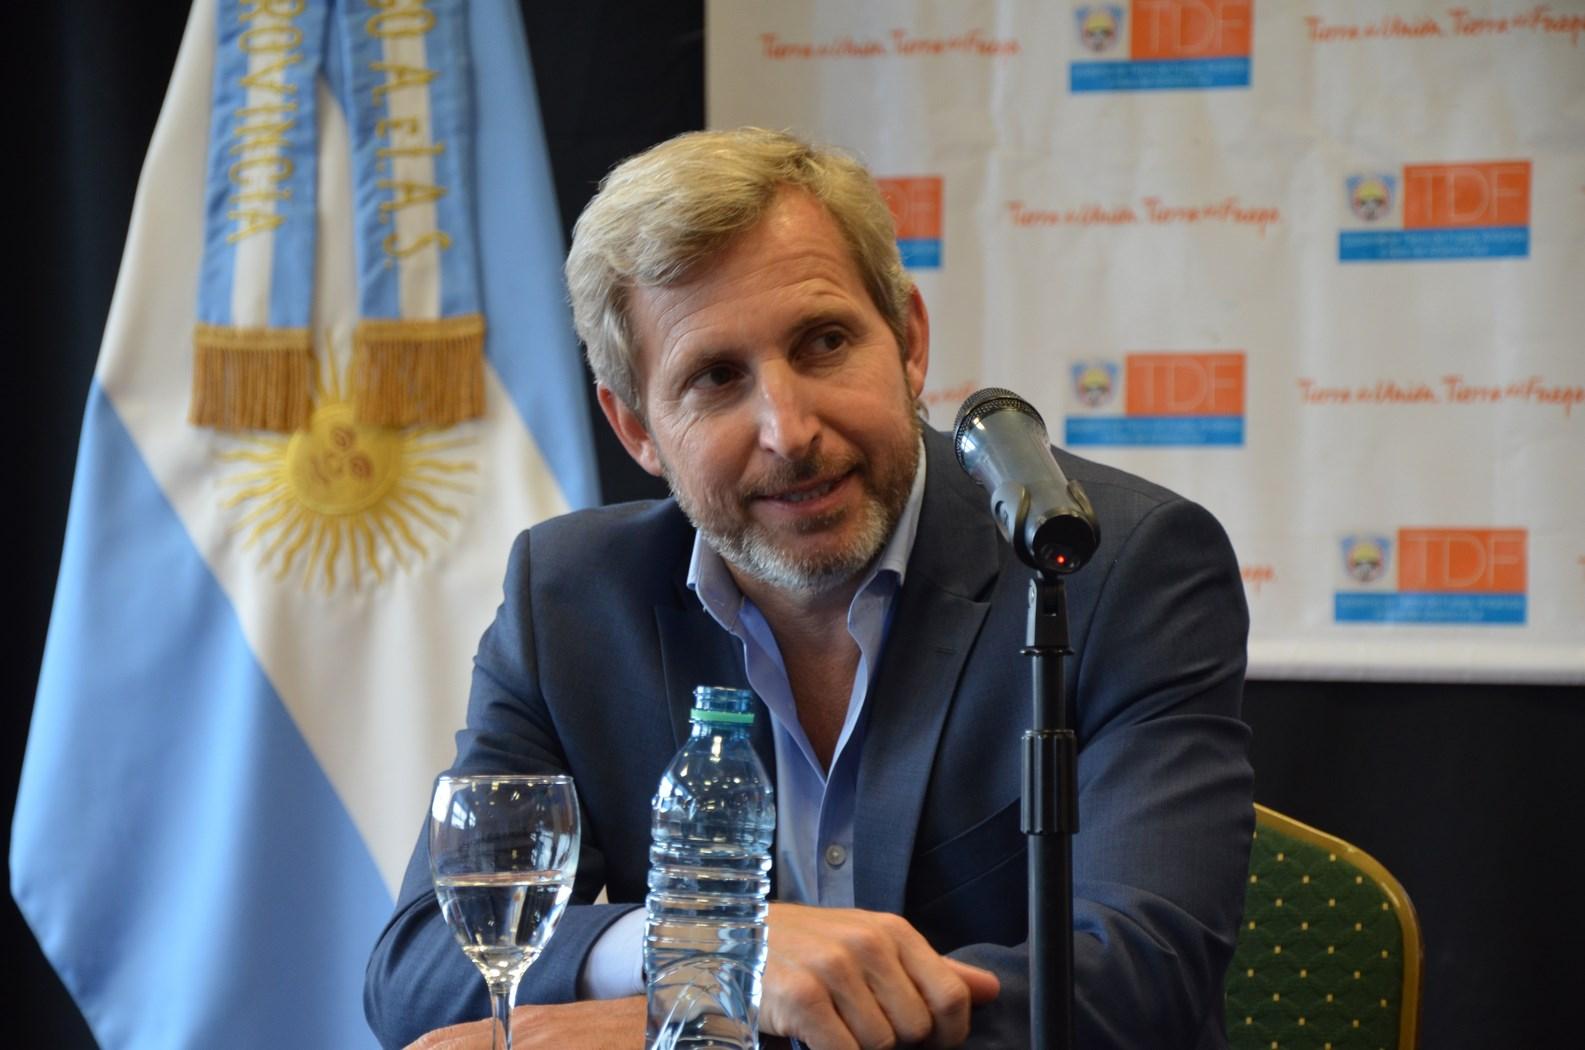 El ministro Frigerio visitó nuevamente la capital fueguina en donde acompañó a la gobernadora en diversas inauguraciones.